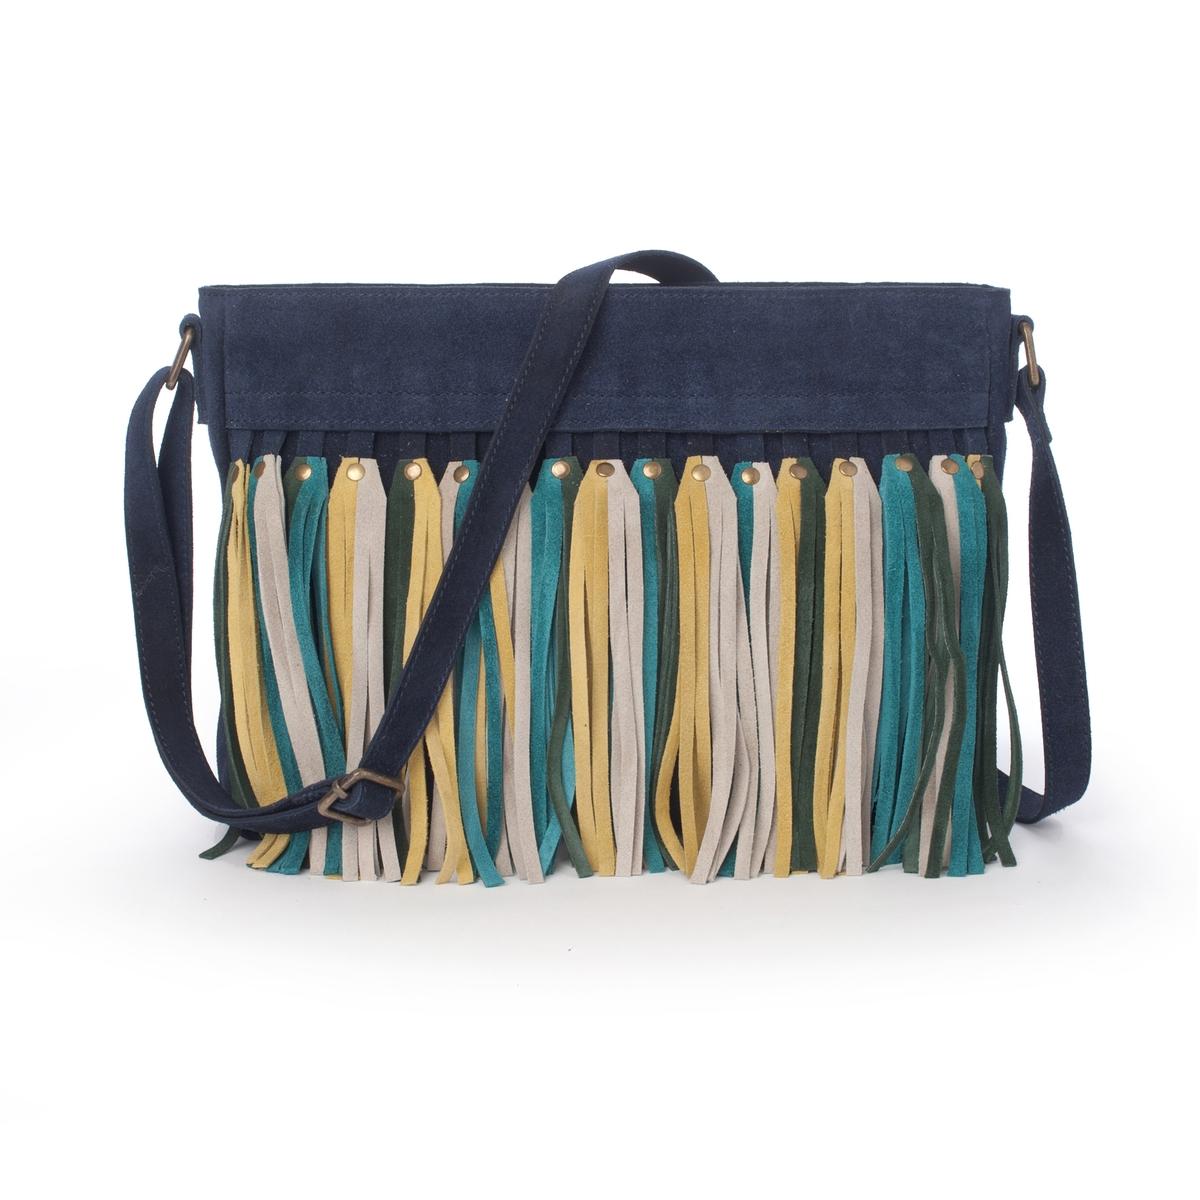 Сумочка кожанаяКожаная дамская сумочка R Studio с бахромой.Эта модная кожаная сумочка с бахромой в винтажном стиле прекрасно сочетается с джинсами и не только. Состав и описаниеМатериал : Верх: велюр из телячьей кожи                 подкладка из полиэстераМарка : R Studio.Размеры  : Д33 x В22 x Г4 смЗастежка : на молнию  1 карман на молнии, 2 кармана для телефонаРучка : регулируемая<br><br>Цвет: синий